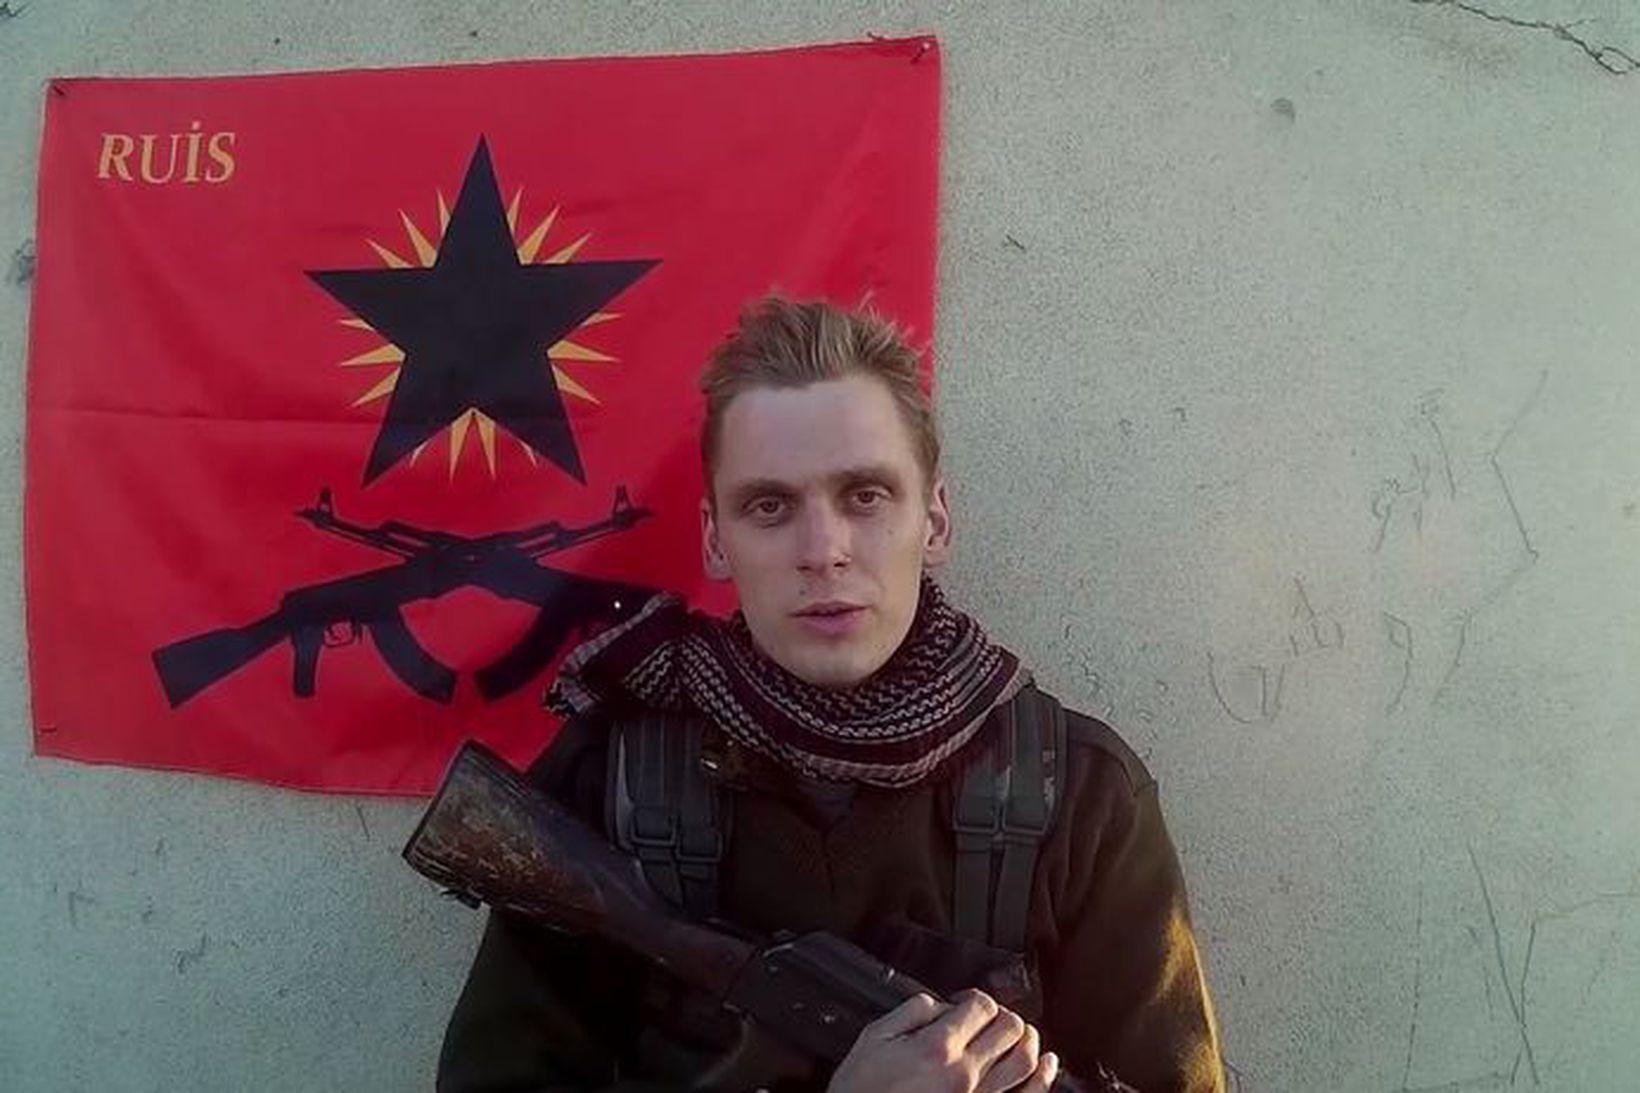 Skjáskot úr myndbandi gríska anarkistahópsins RUIS. Haukur stendur við fána …